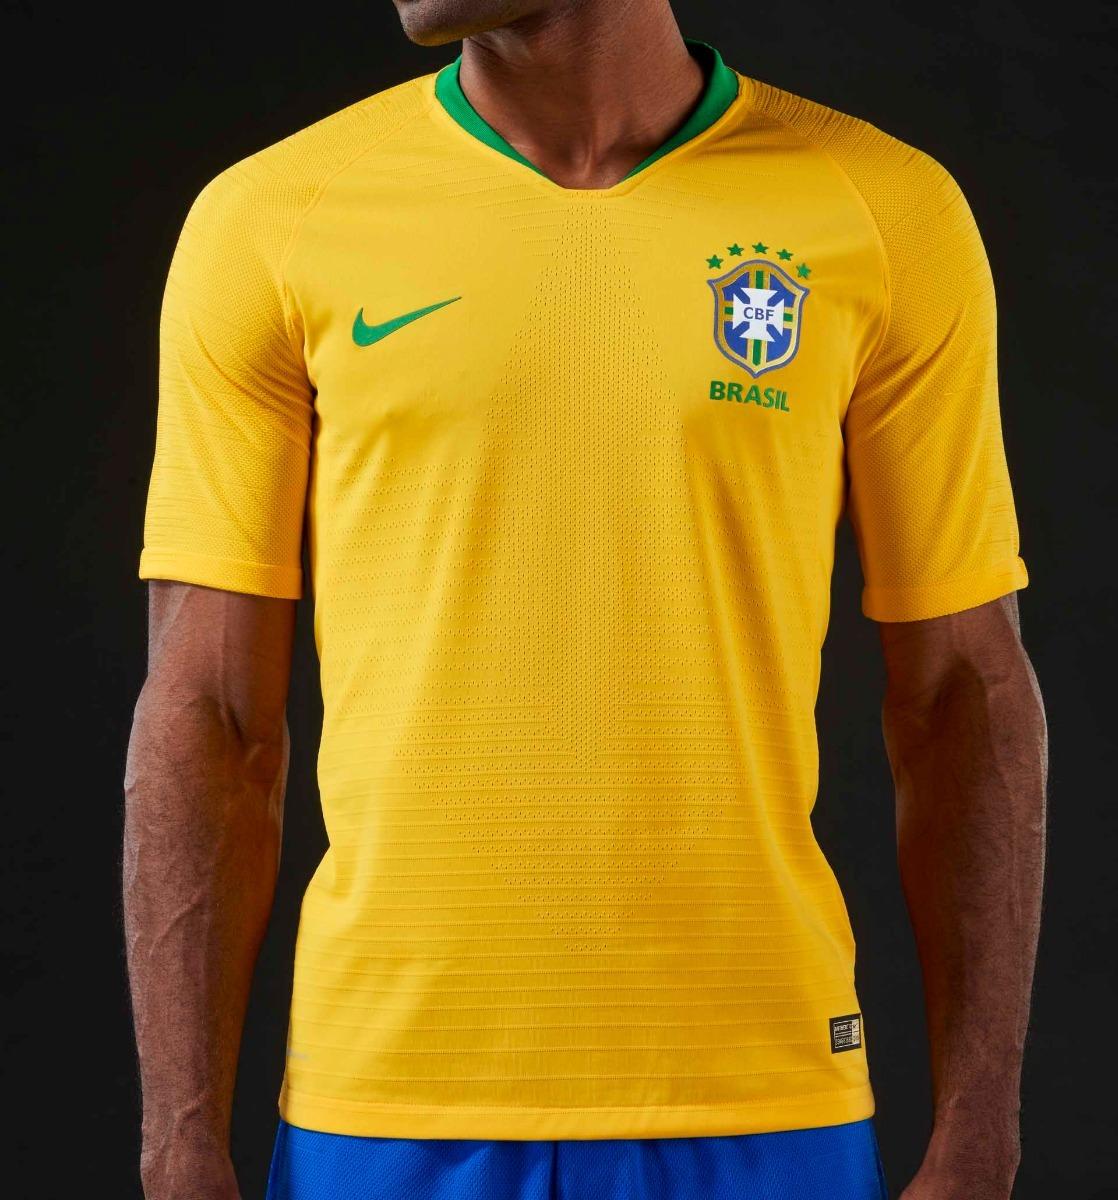 b6175b8959c1b camisa amarela seleção brasileira jogador copa 2018. Carregando zoom.